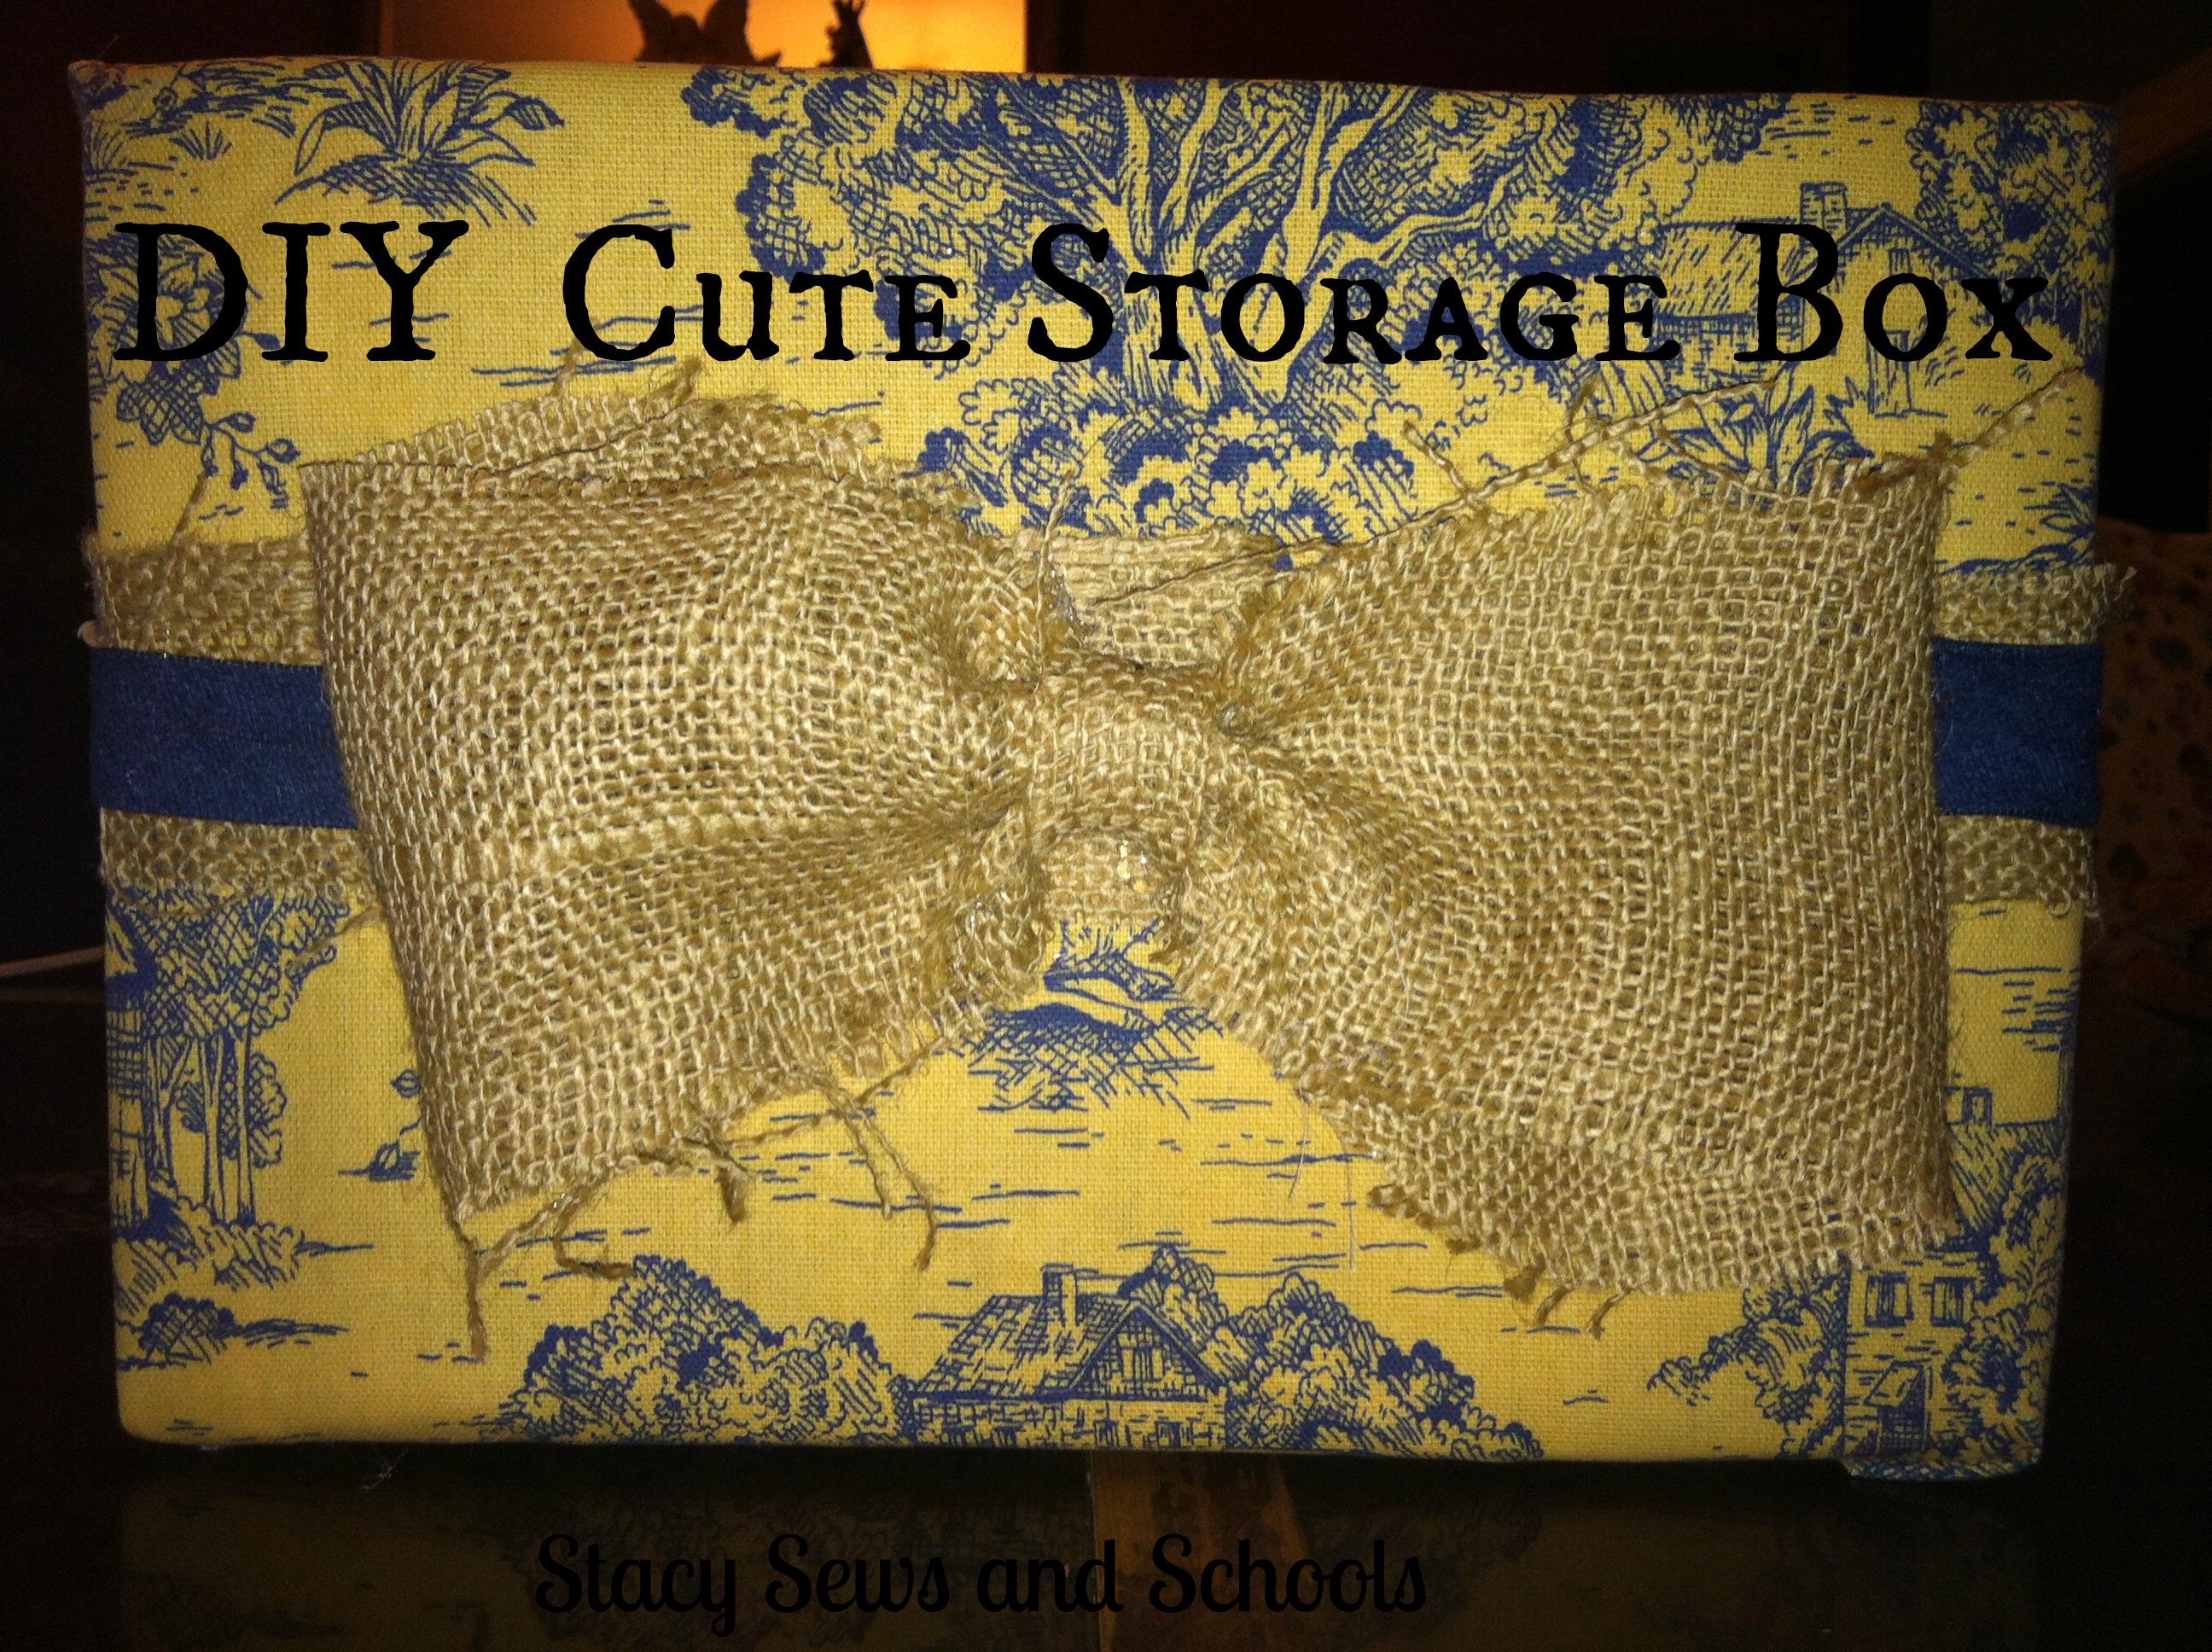 DIY Cute Storage Box 01